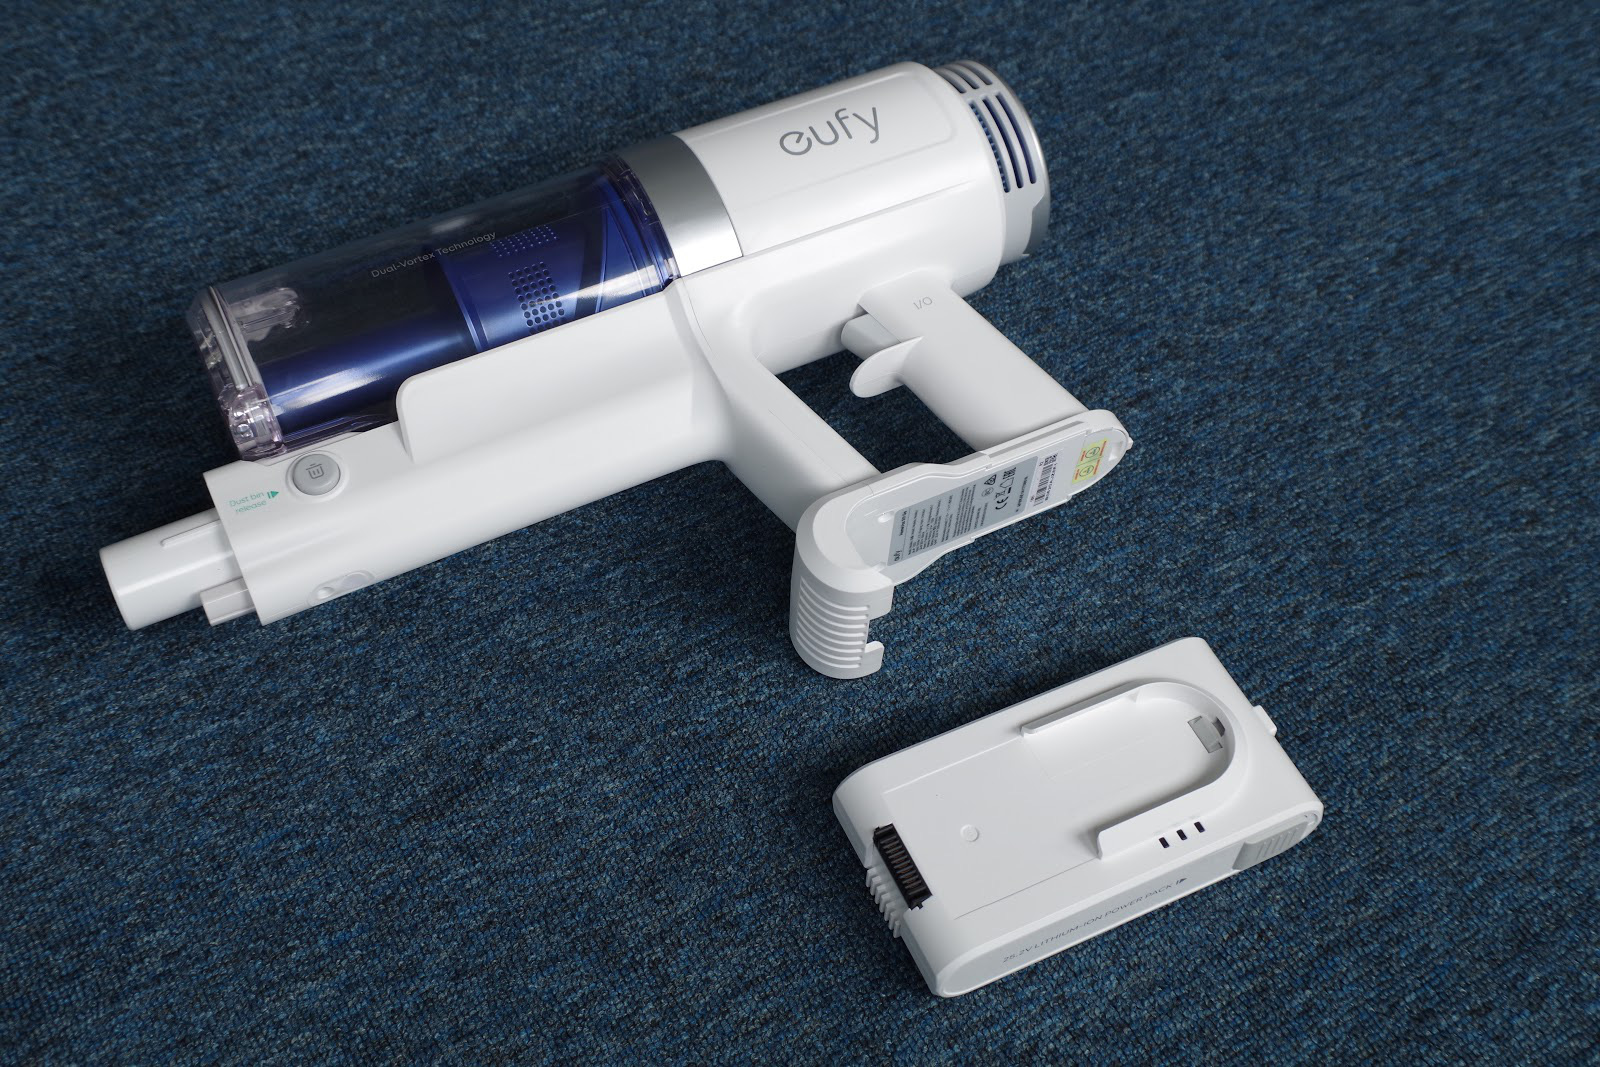 Vệ sinh mọi ngóc ngách với máy hút bụi Eufy HomeVac S11 Go - Ảnh 5.